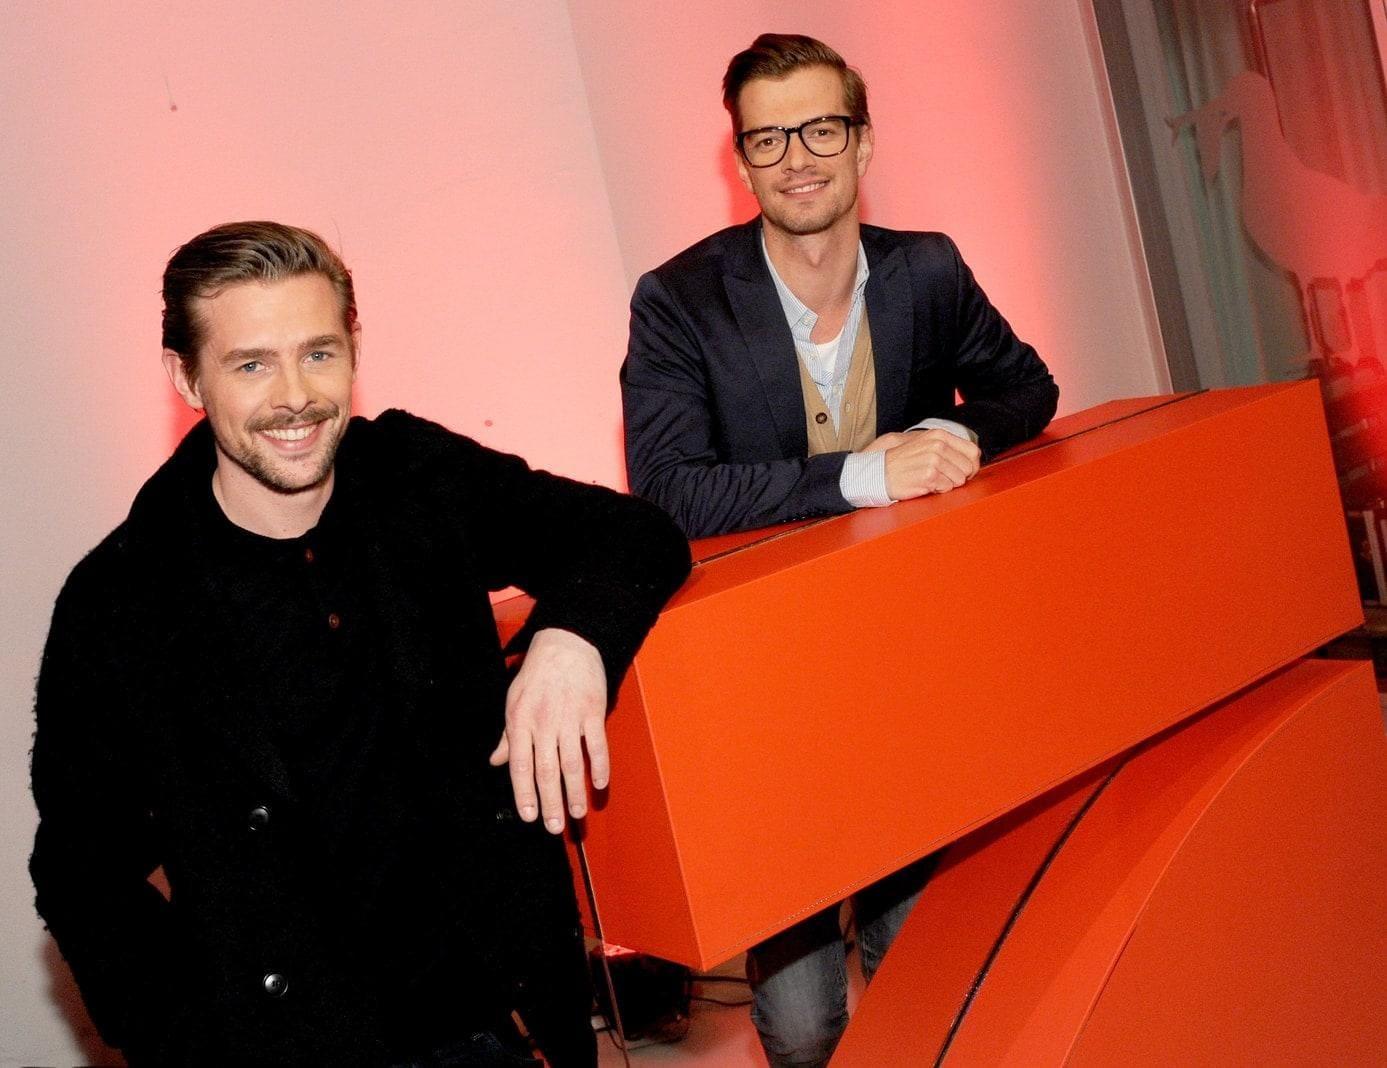 Joko und Klaas: Das erfolgreichste Entertainer-Duo Deutschlands